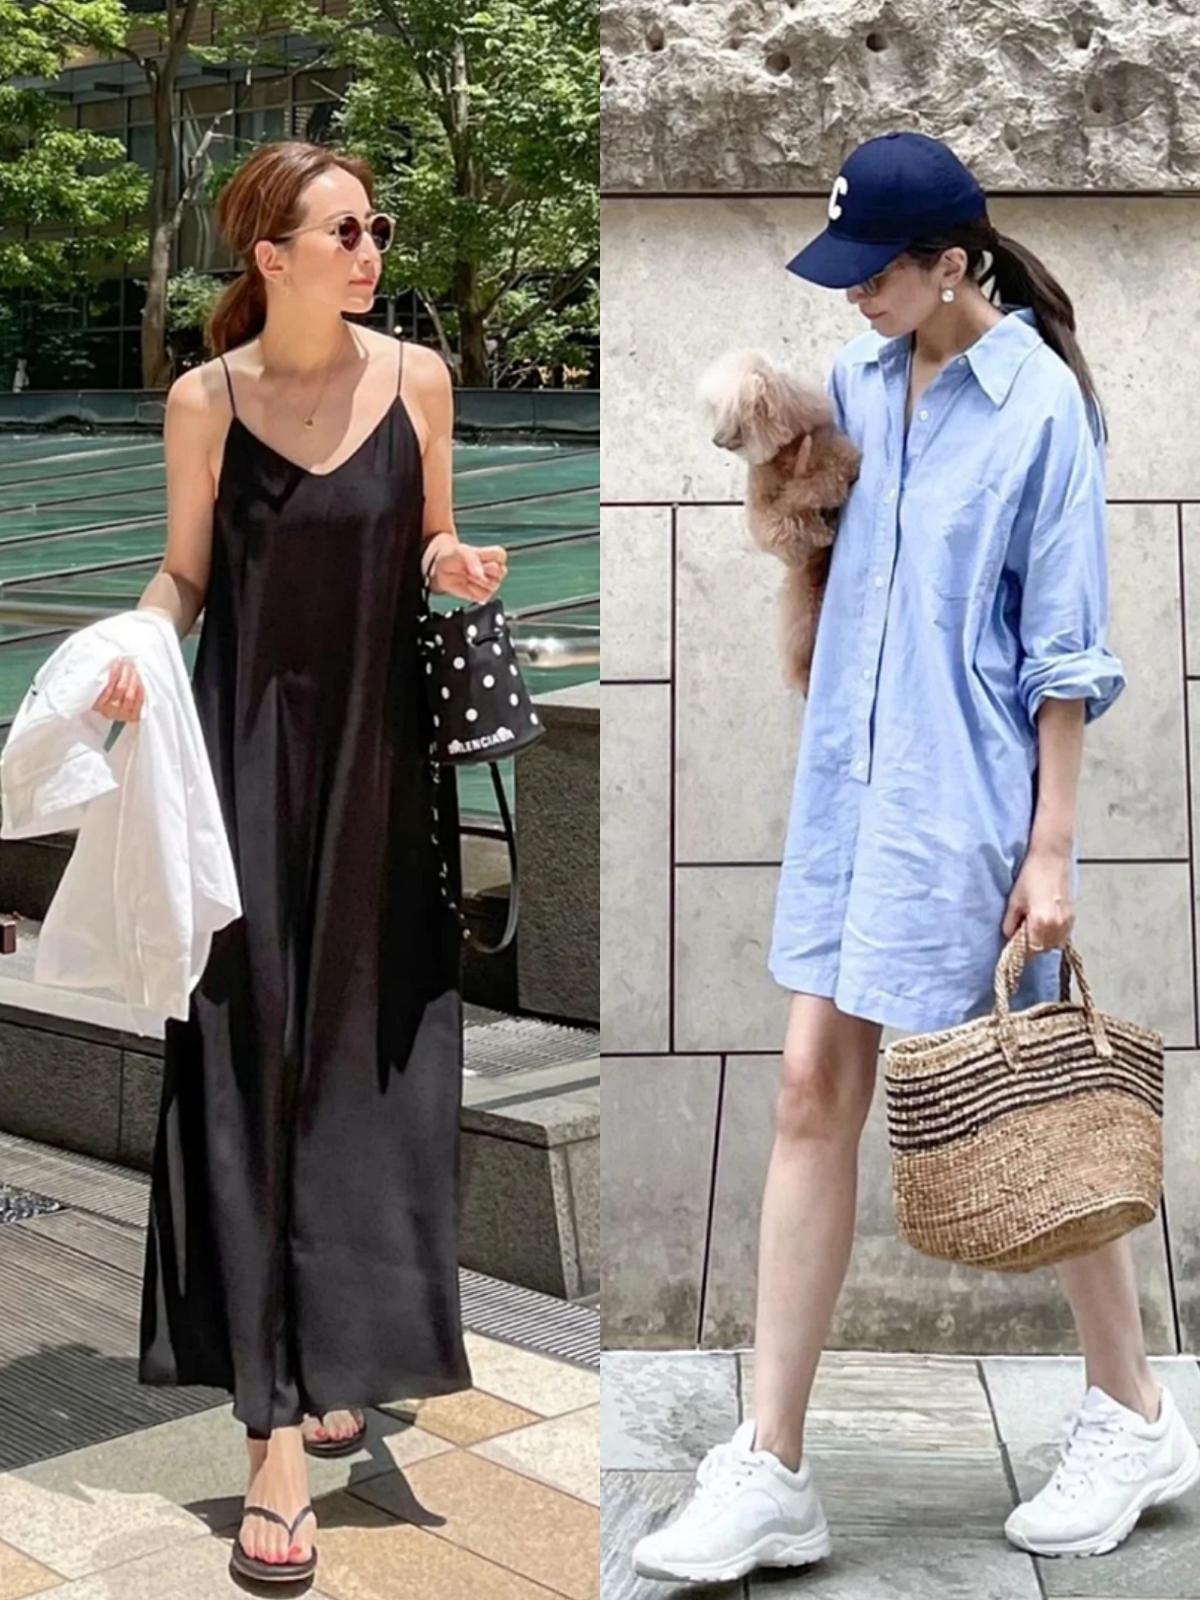 適合40歲女人的「氣質穿搭」,優雅又高級,日本主婦的搭配真絕